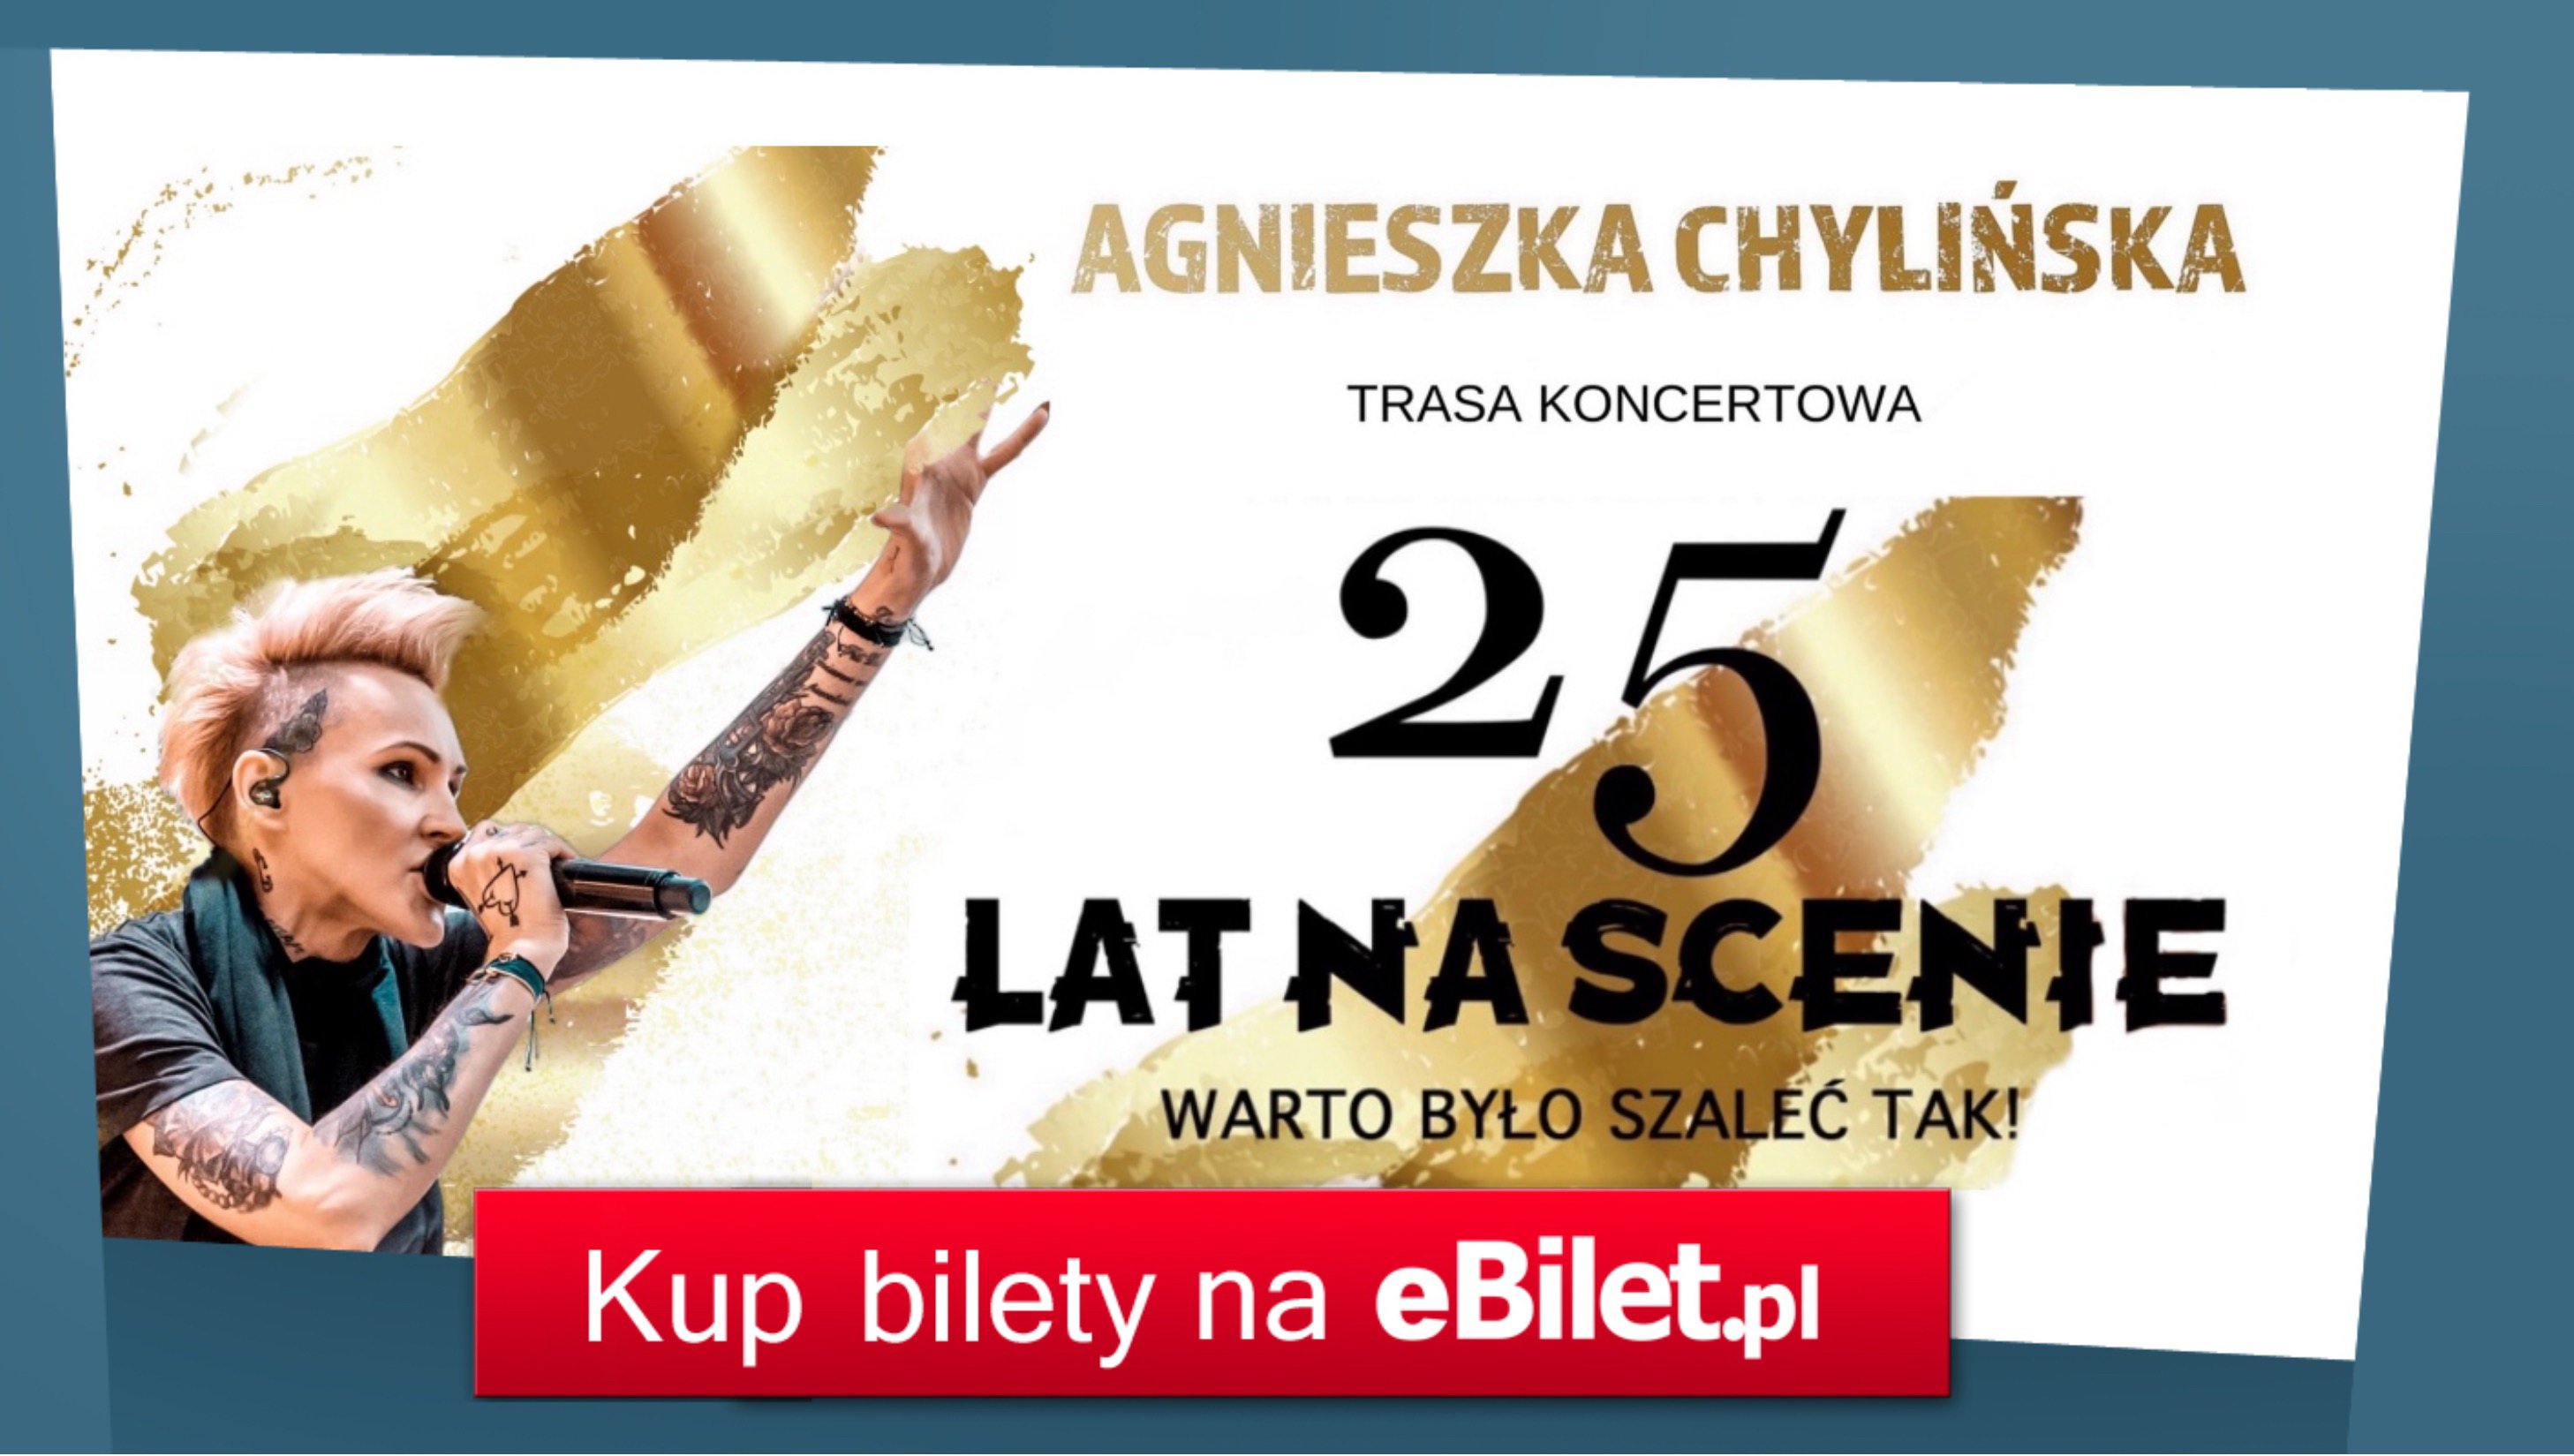 Agnieszka Chylińska ogłasza jubileuszową trasę koncertową!